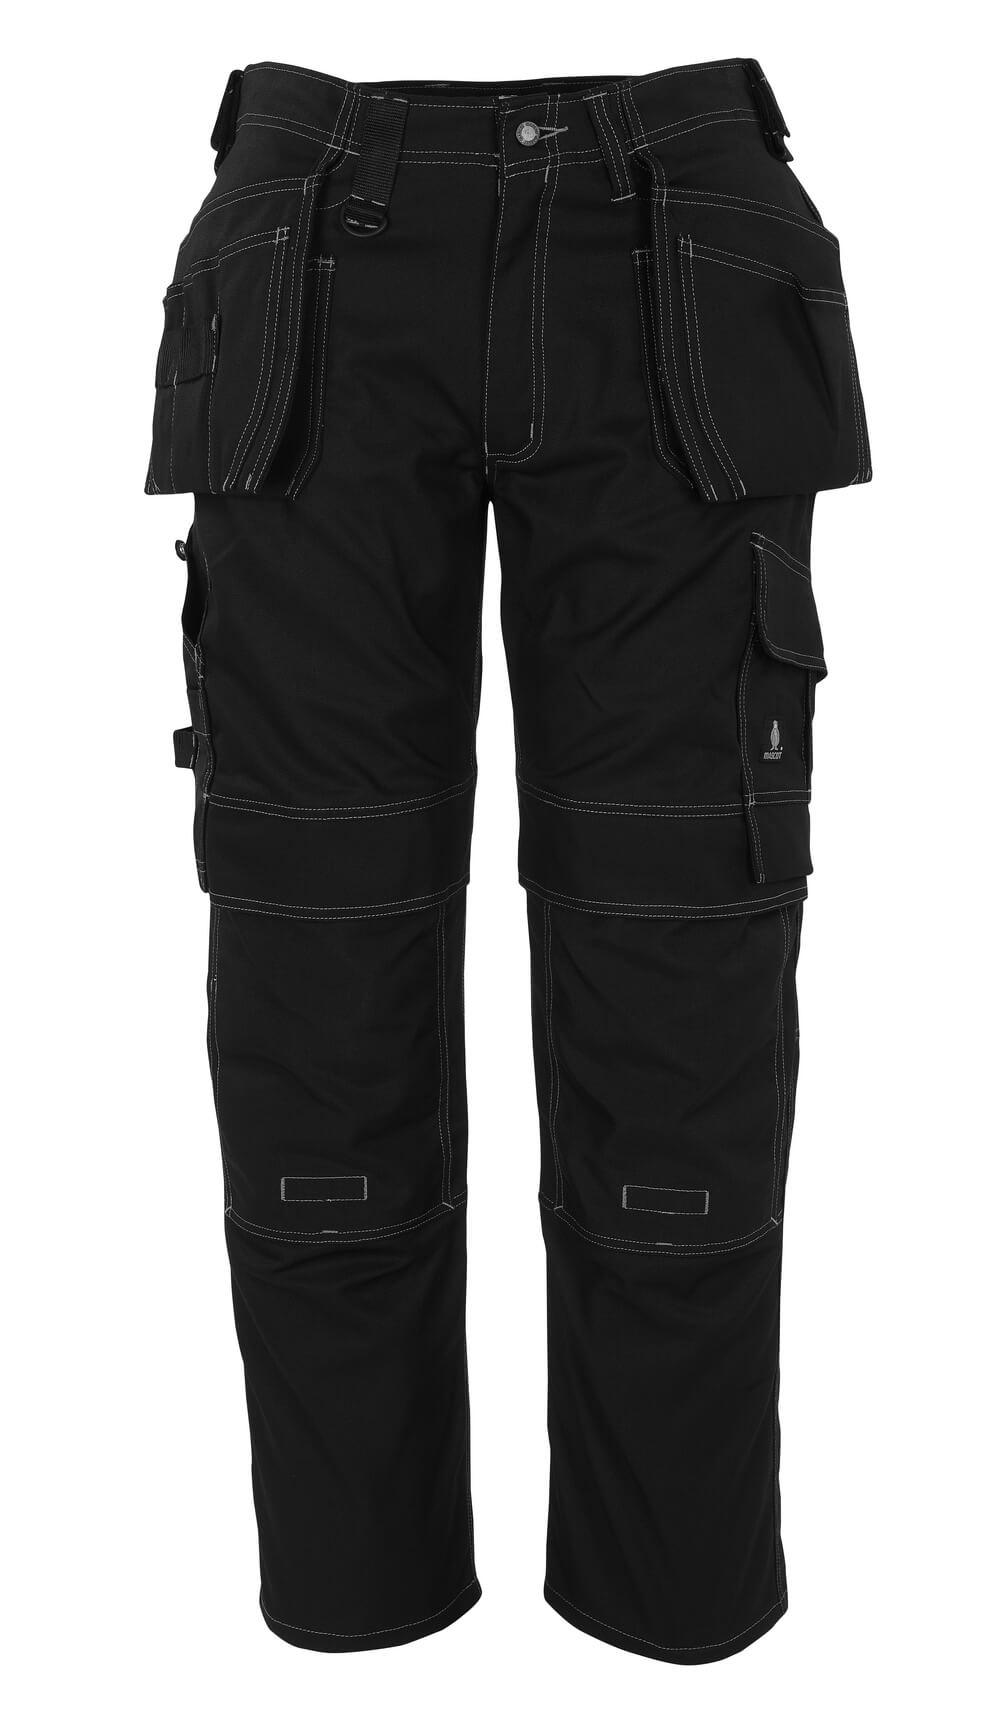 08131-010-09 Pantaloni con tasche porta-ginocchiere e tasche esterne - nero